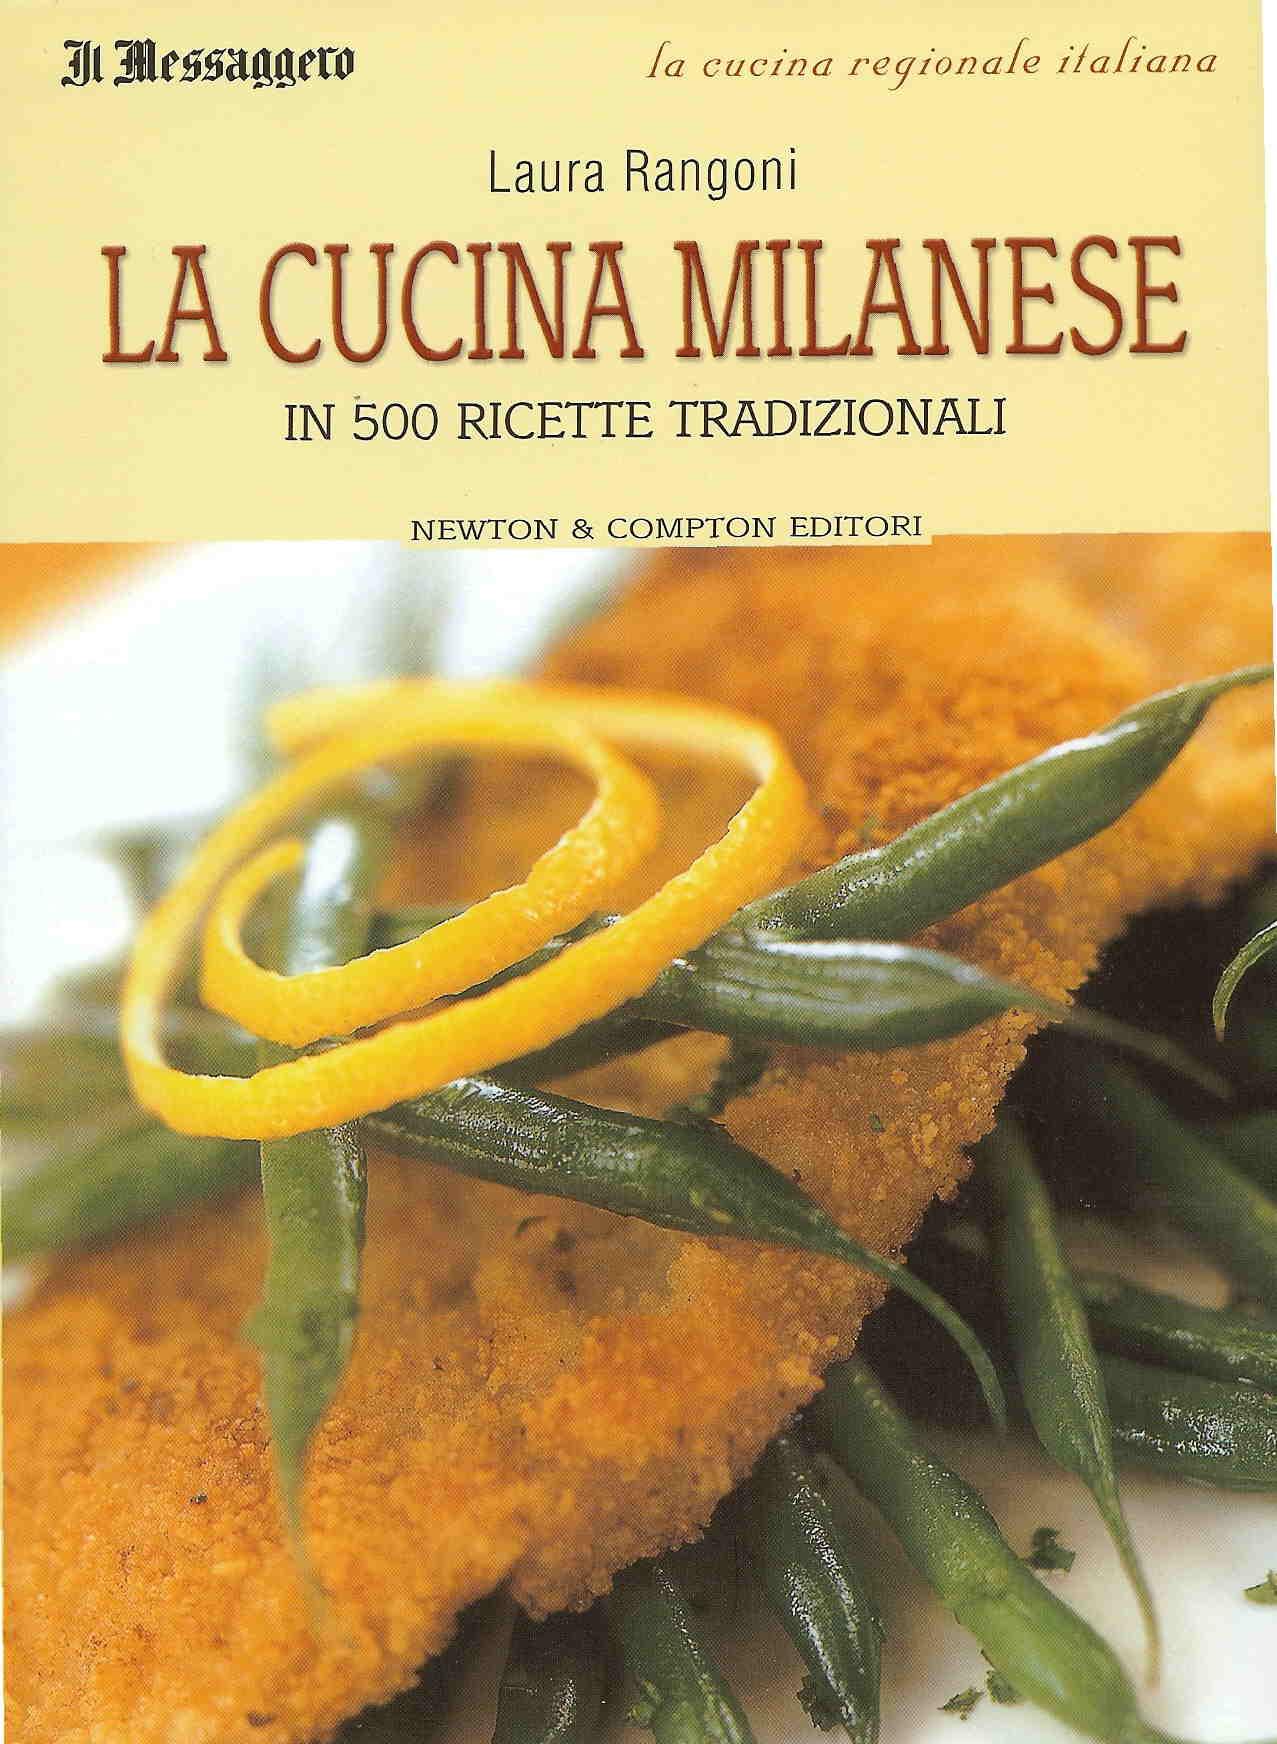 Image of La cucina milanese